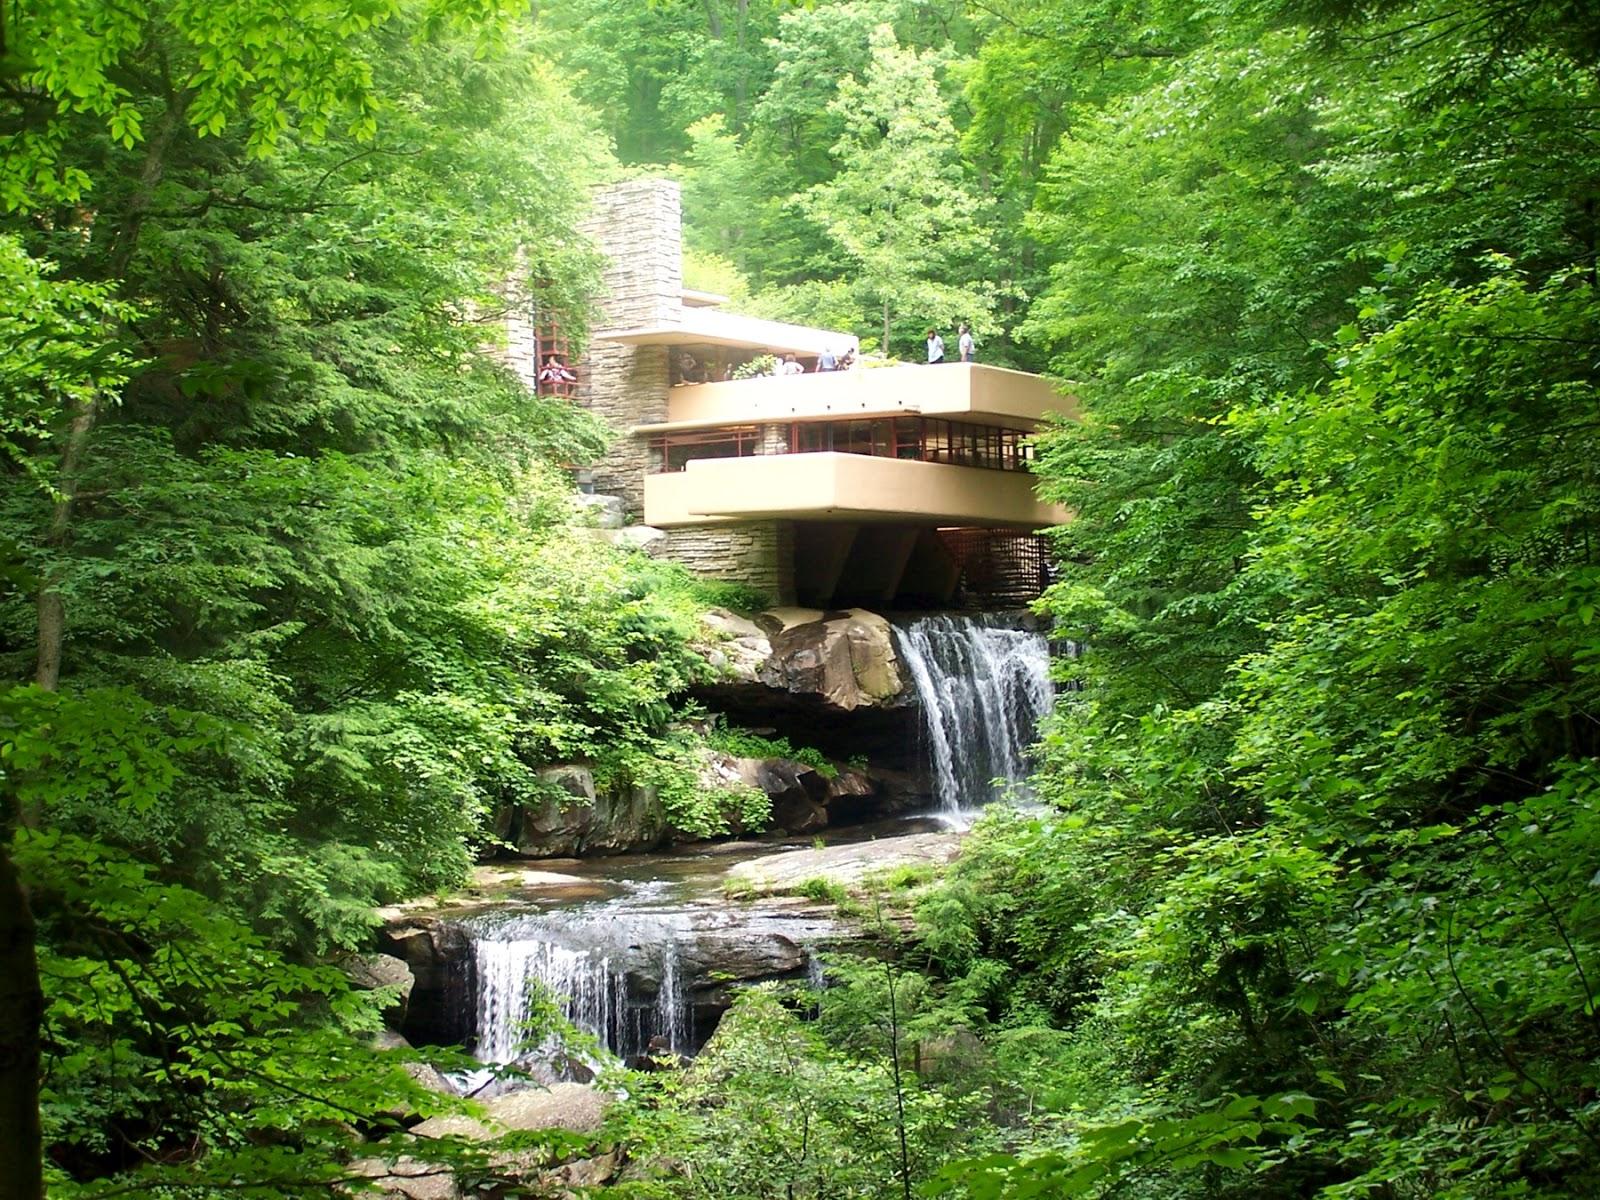 di qua e di la frank lloyd wright architettura organica